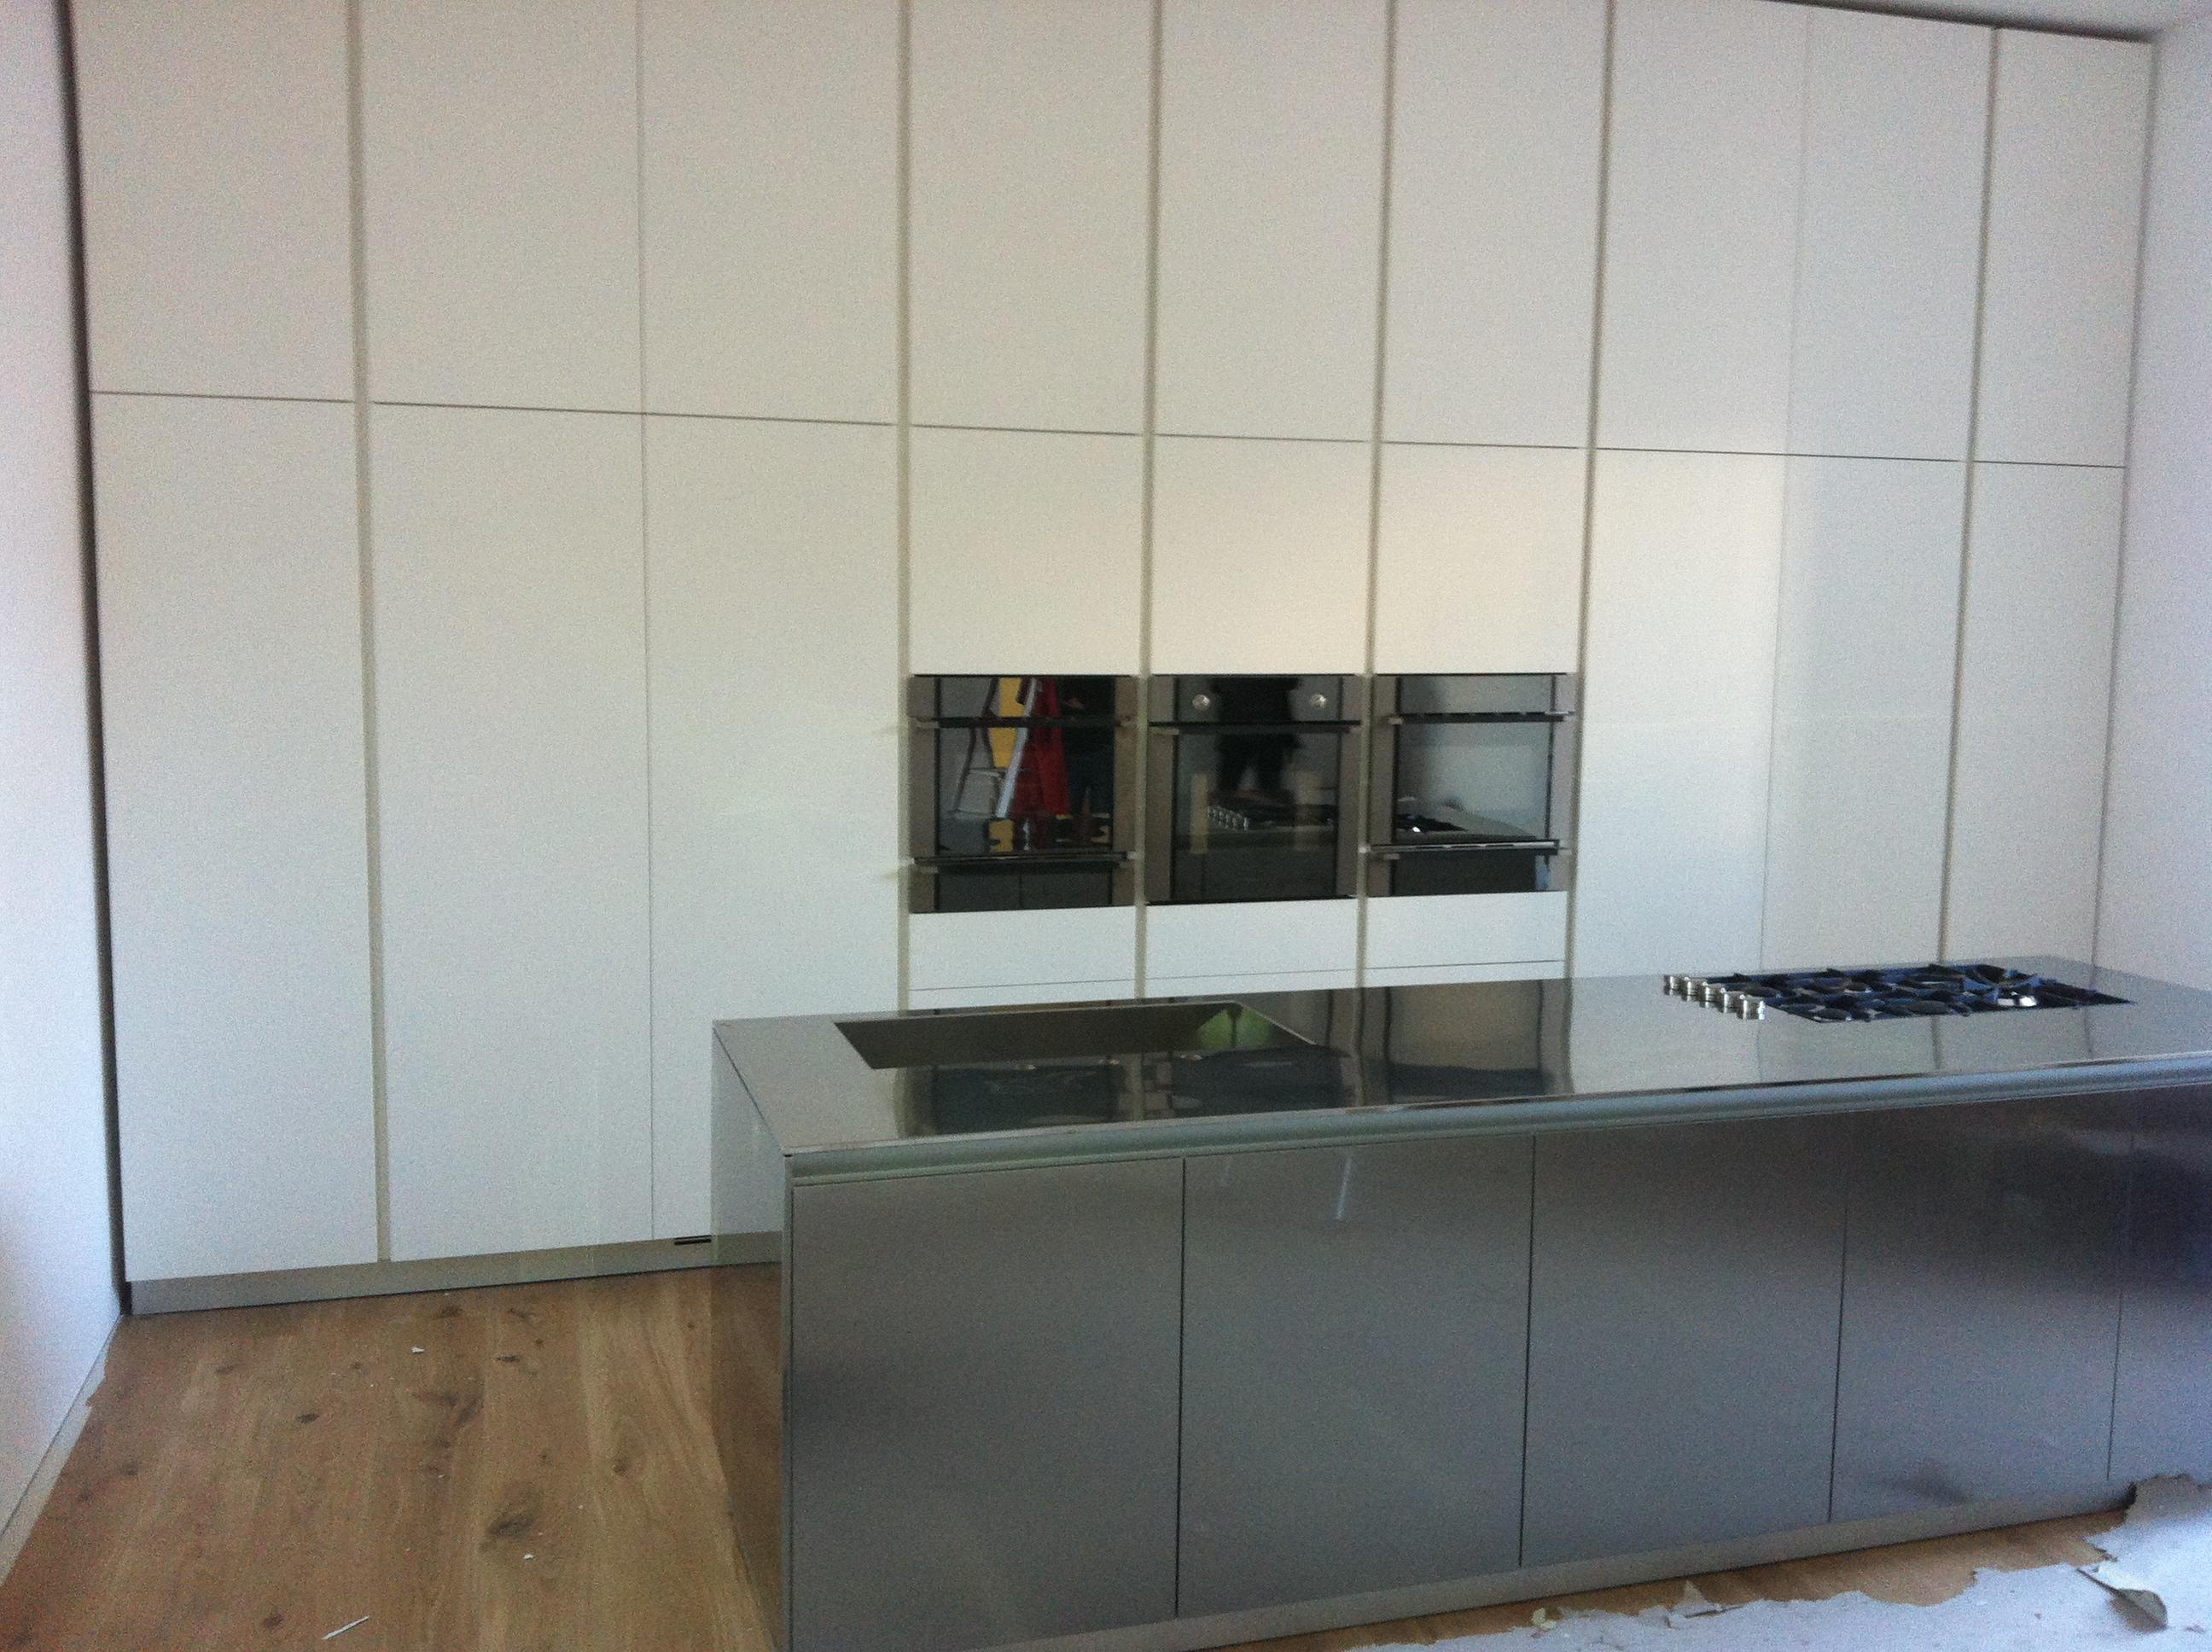 Cucine varenna cucina moderna cucine moderne arredamento - Illuminazione cucina moderna ...